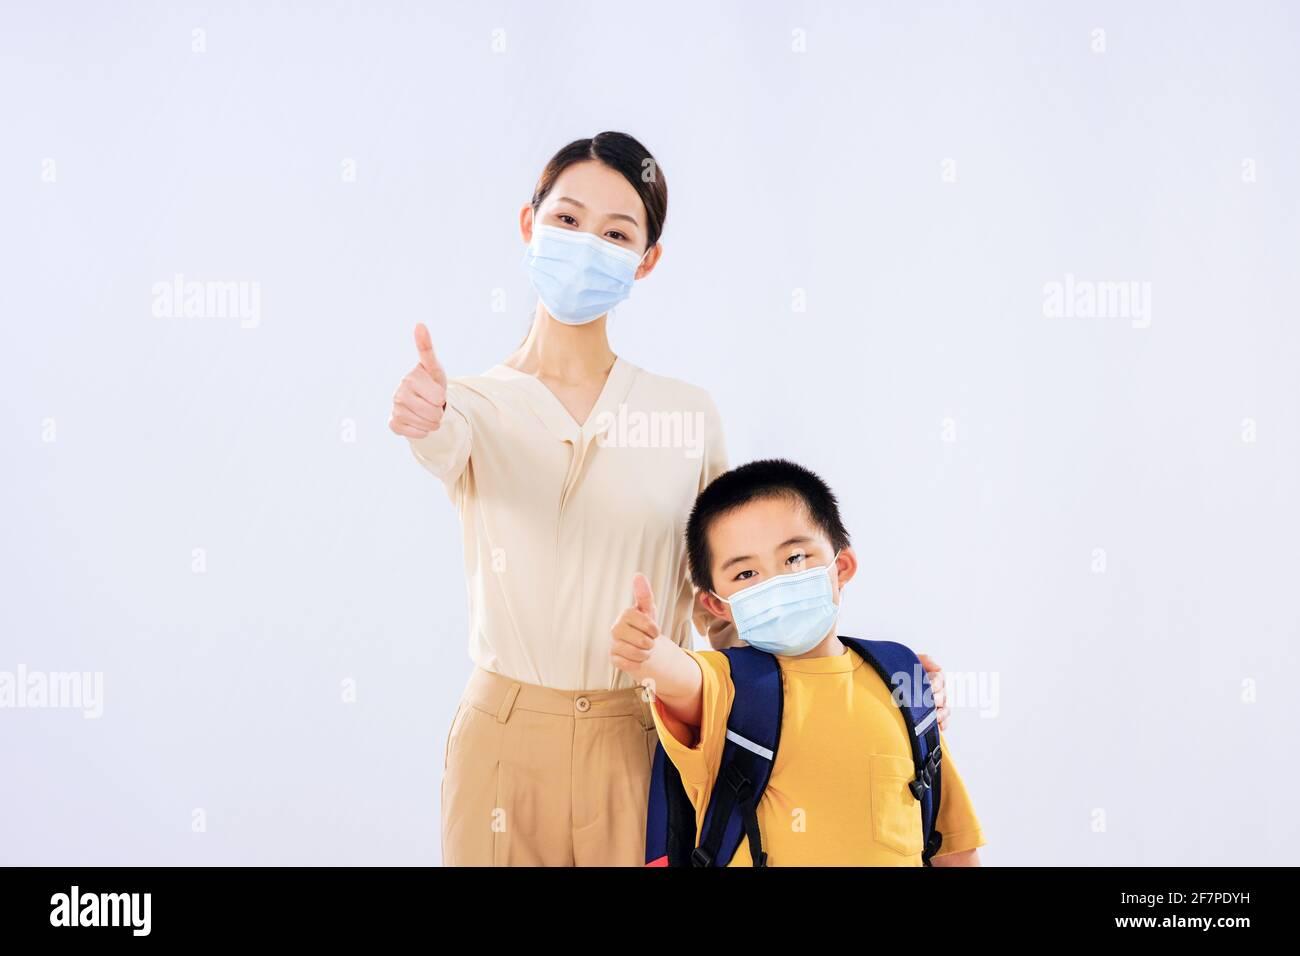 Mama und der kleine Junge mit der Maske aufgesetzt Ihre Daumen lächelten Stockfoto